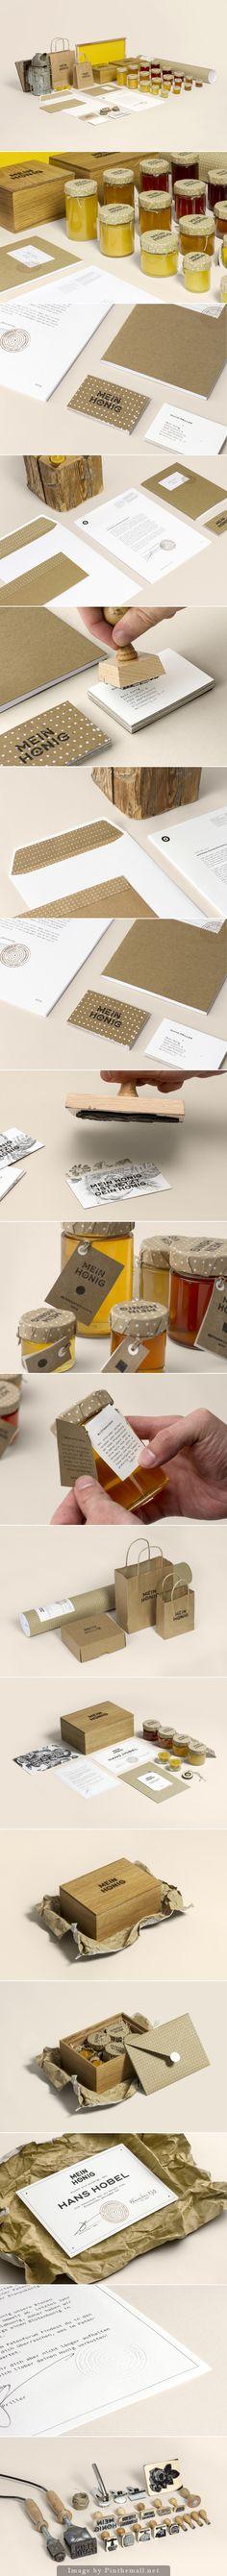 Mein Honig Honey – Brand Identity via Thomas Lichtblau